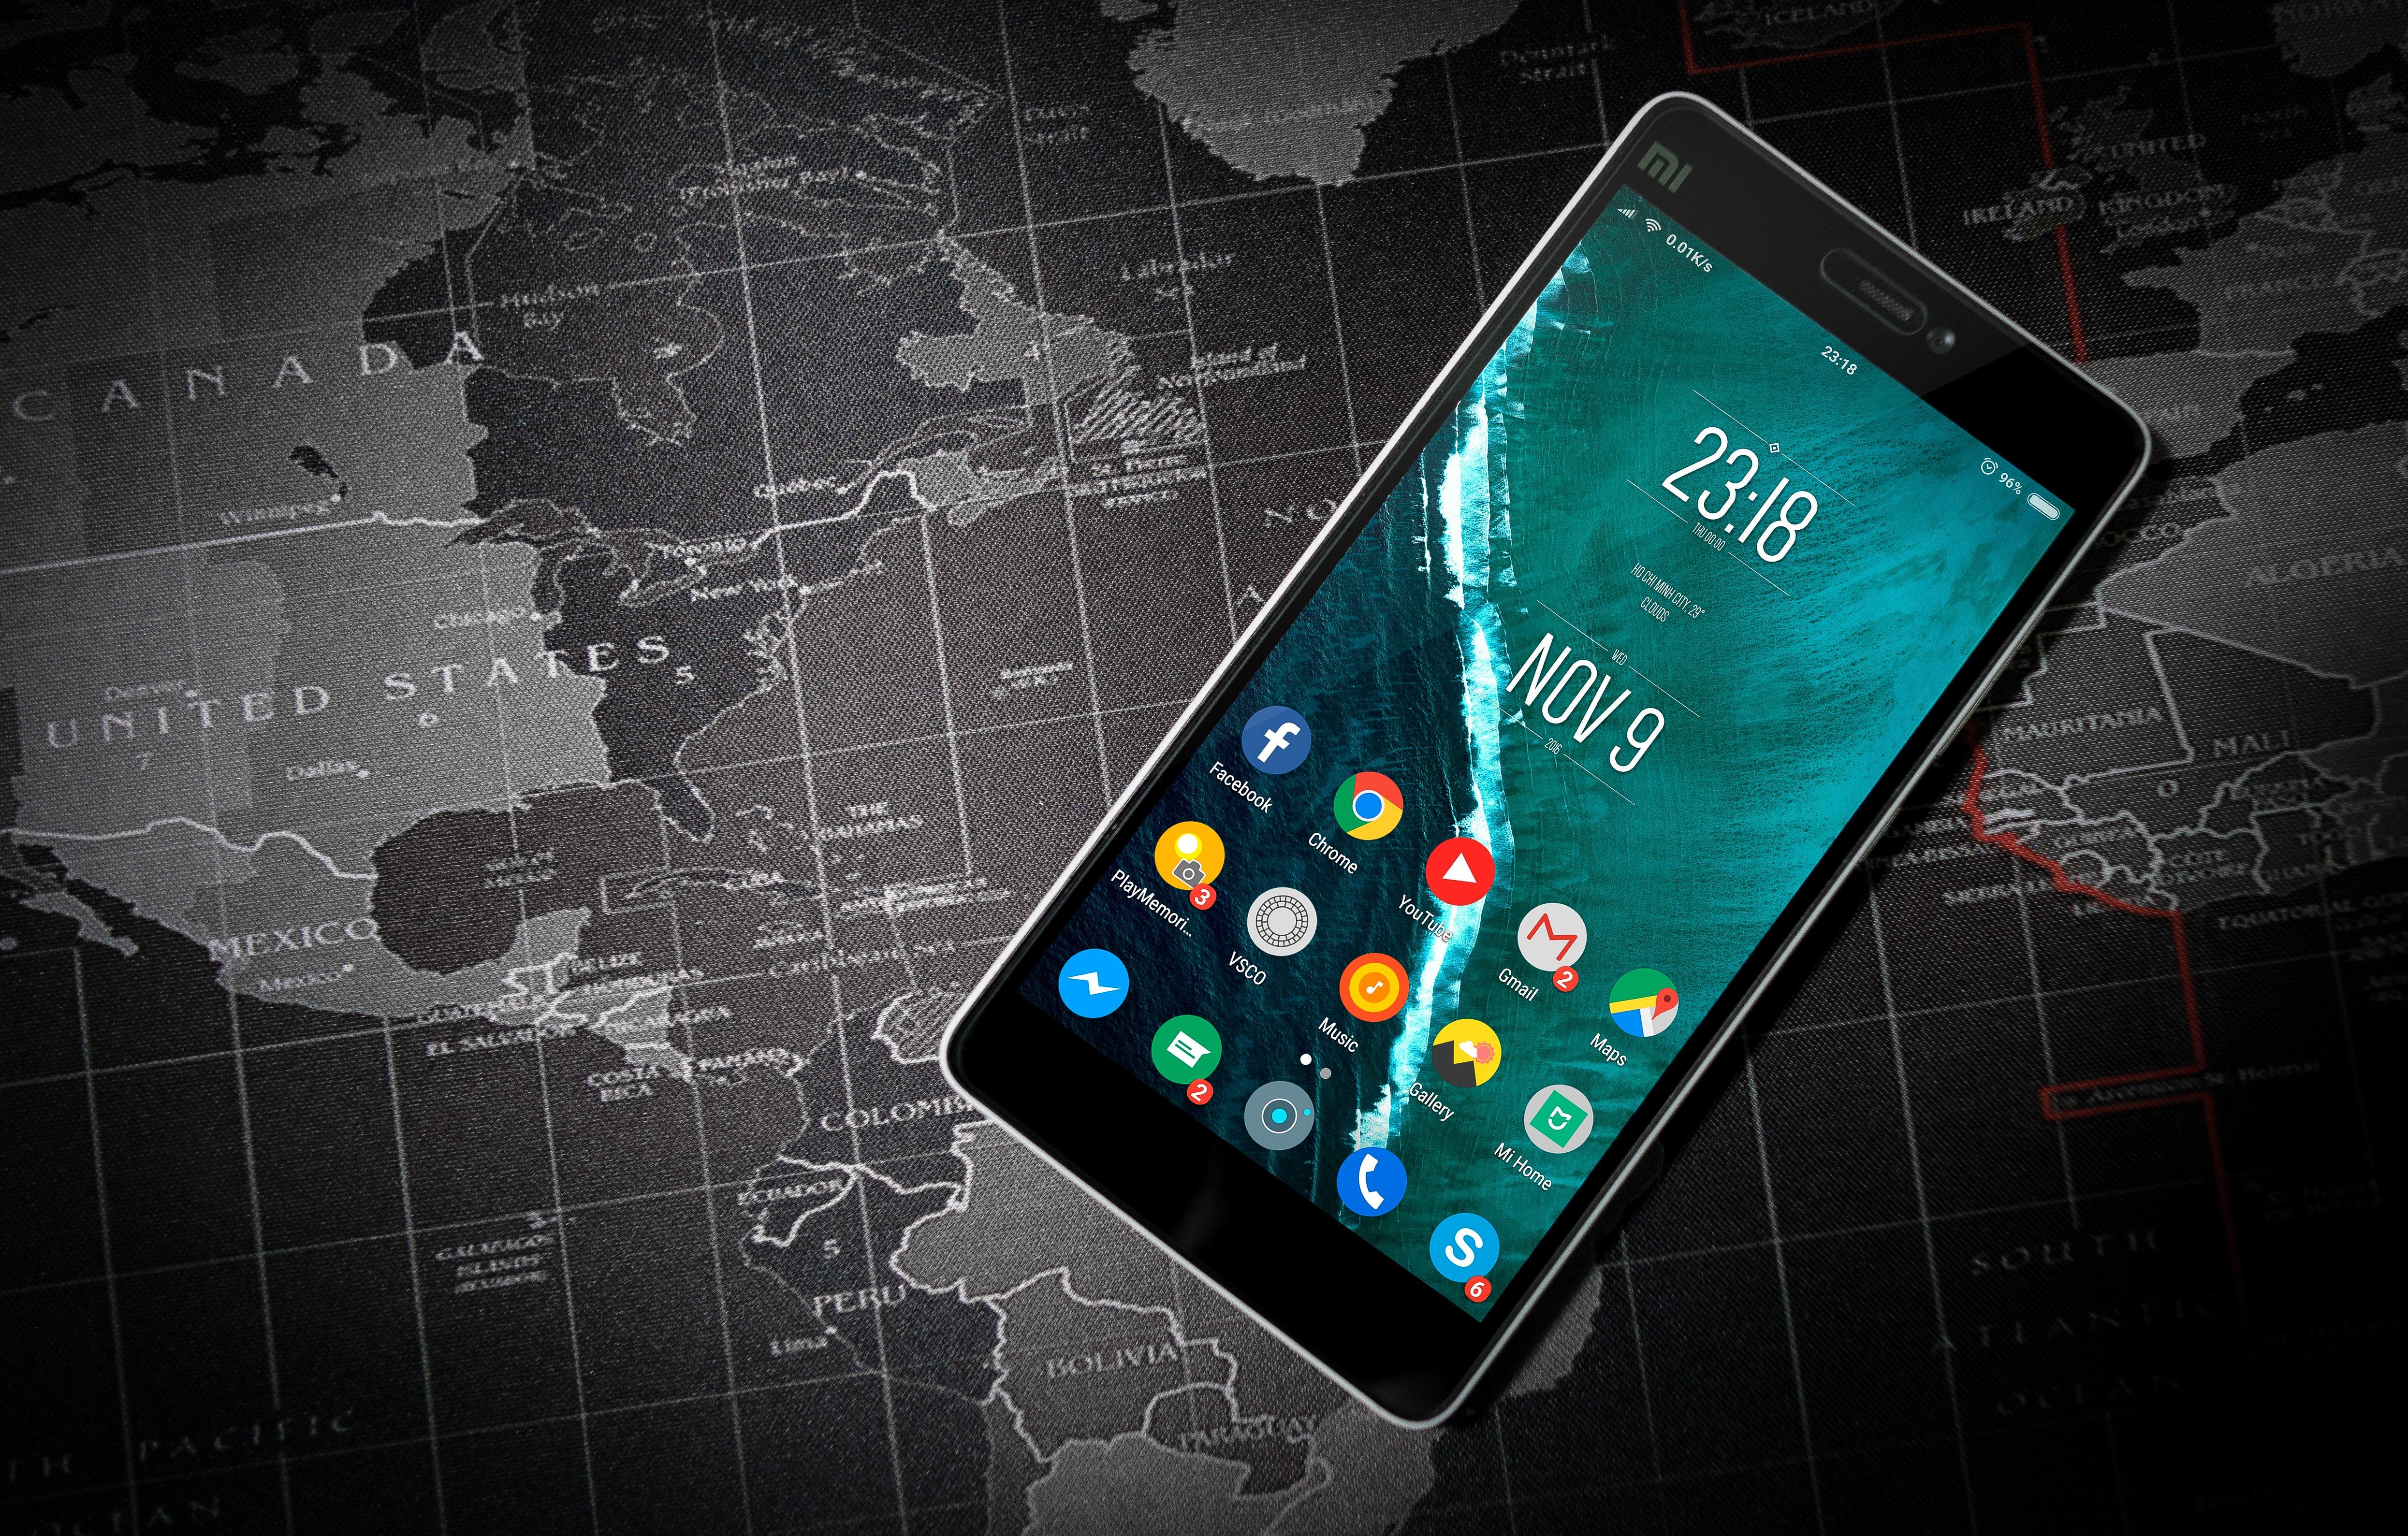 De beste smartphones onder de 250 euro (zomer 2018)